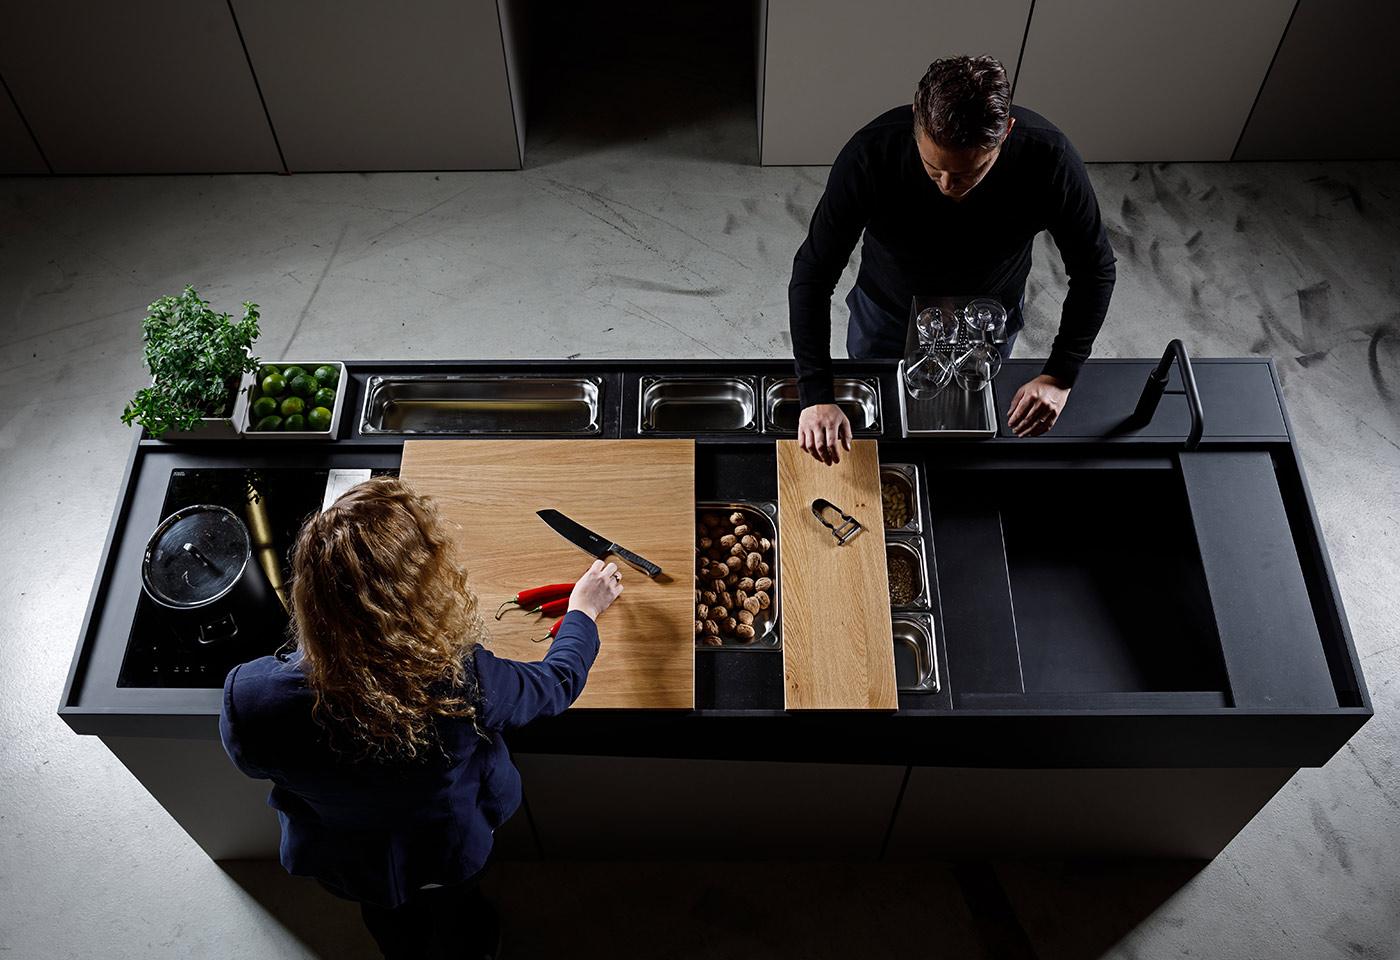 Funktionale Kochinsel ermöglicht mit unterschiedlichen Accessoires wie Schneidebretter und Schalen eine flexible Nutzung der Küche.